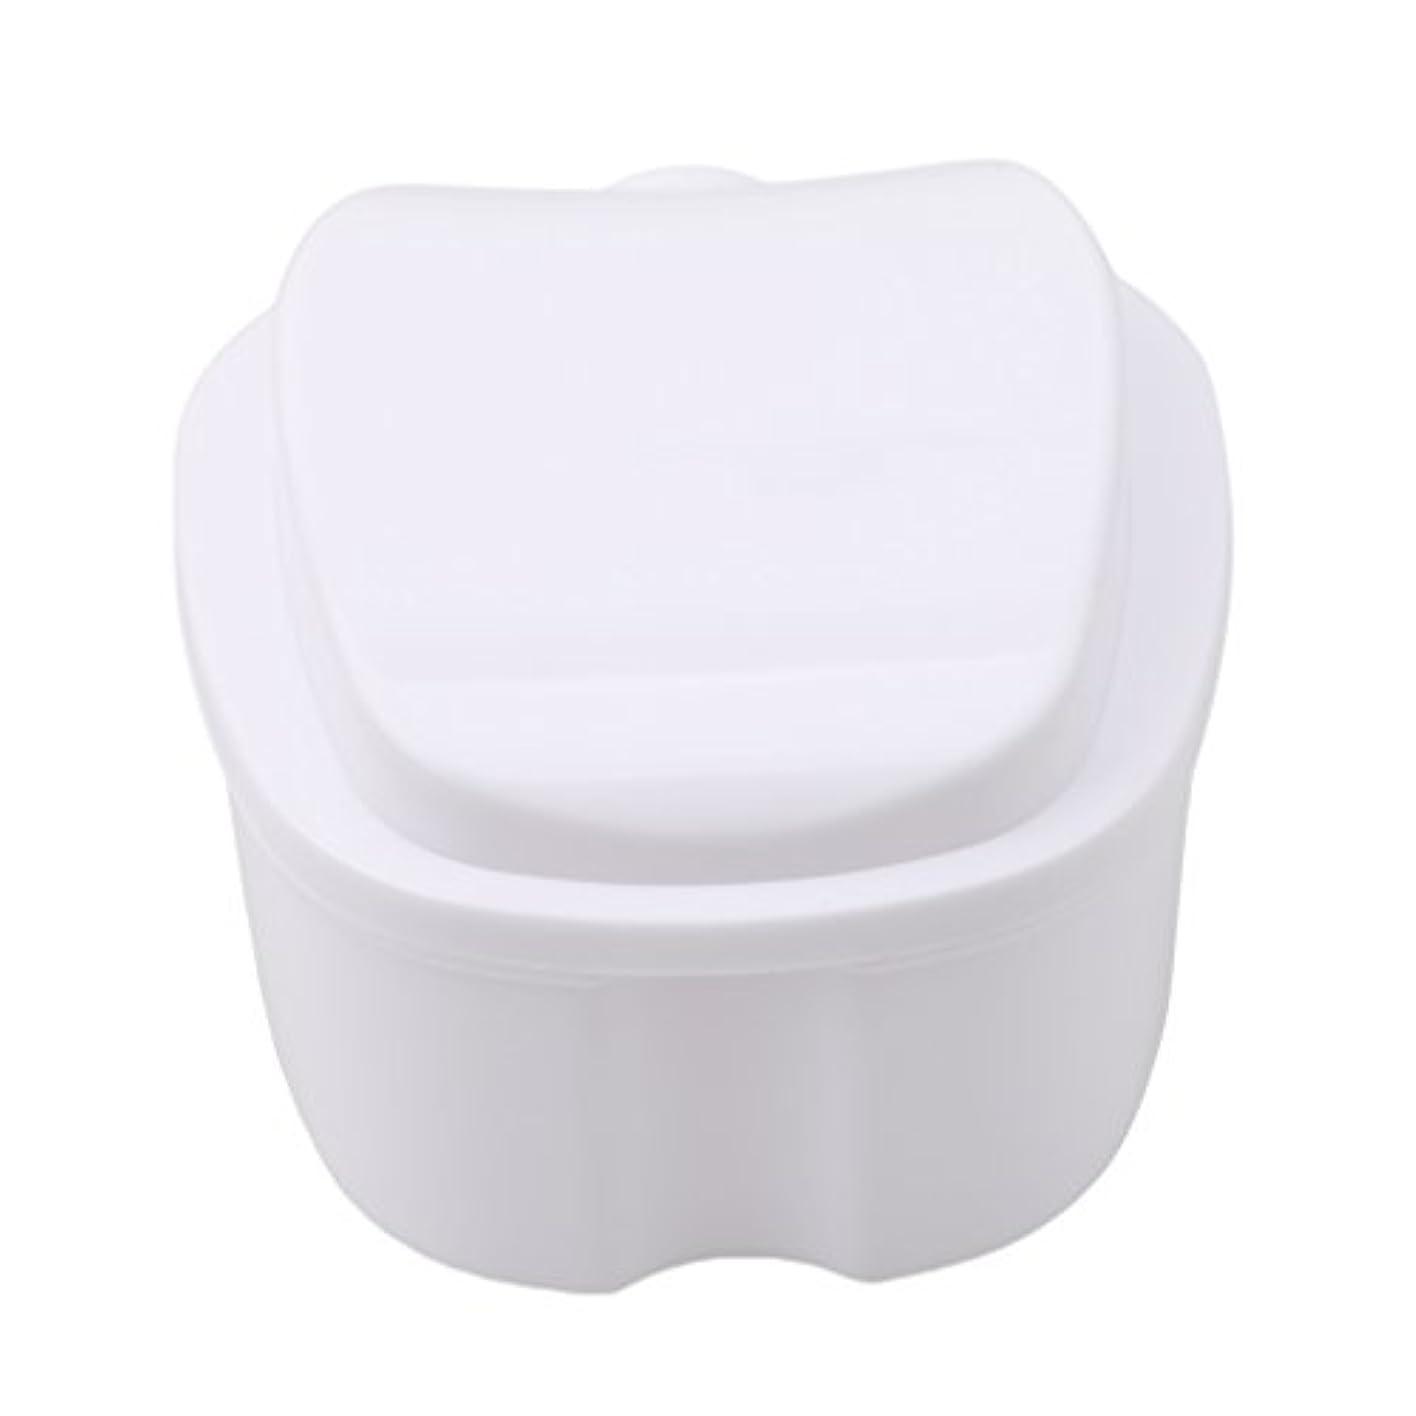 余計なポーターゲートウェイHonel 収納ボックス 義歯収納用 リテーナーケース りんご柄 ホワイト